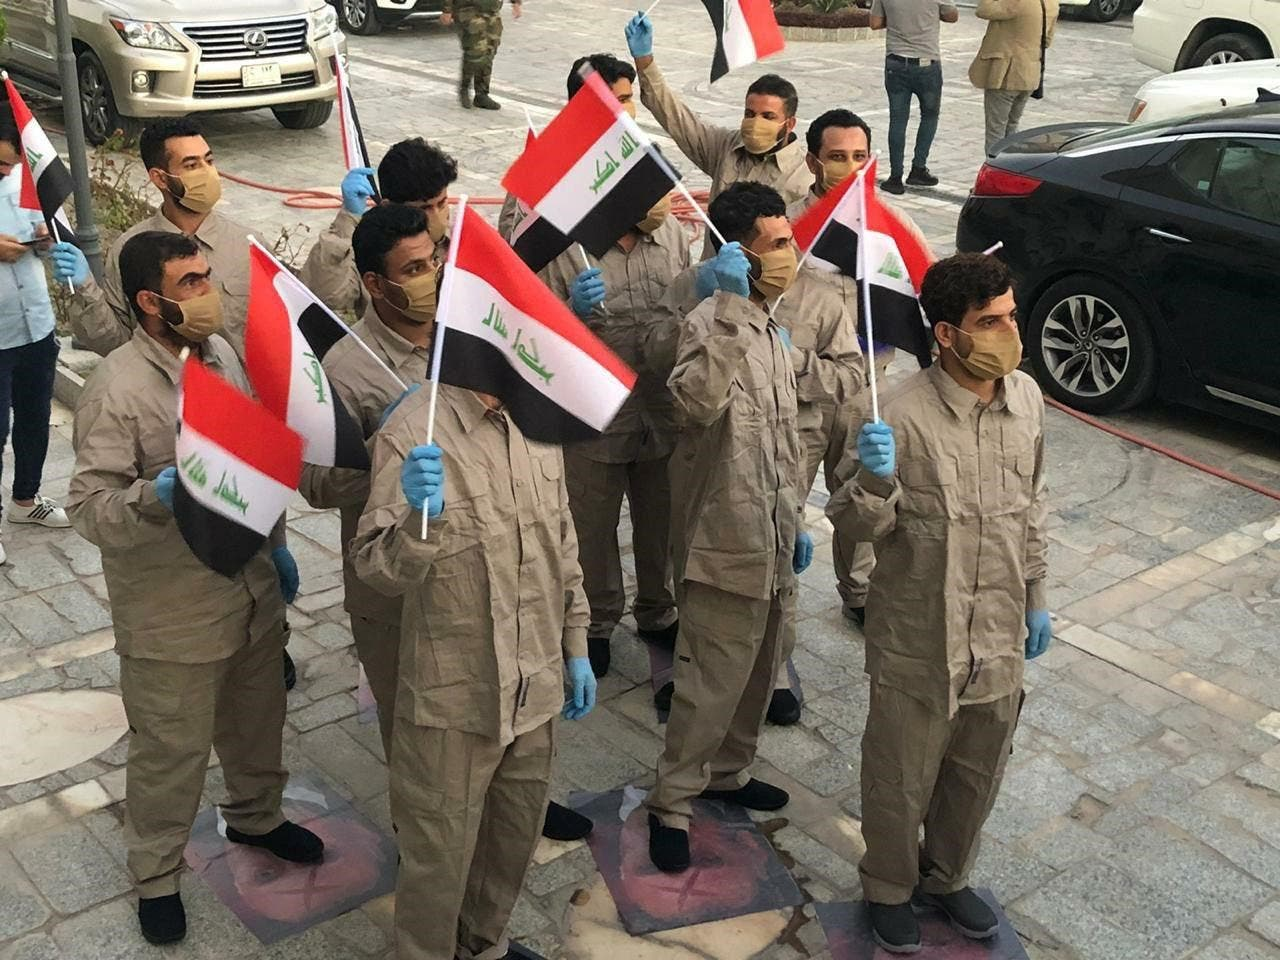 عناصر كتائب حزب اللهالذين أطلق سراحهم في يونيو الماضي